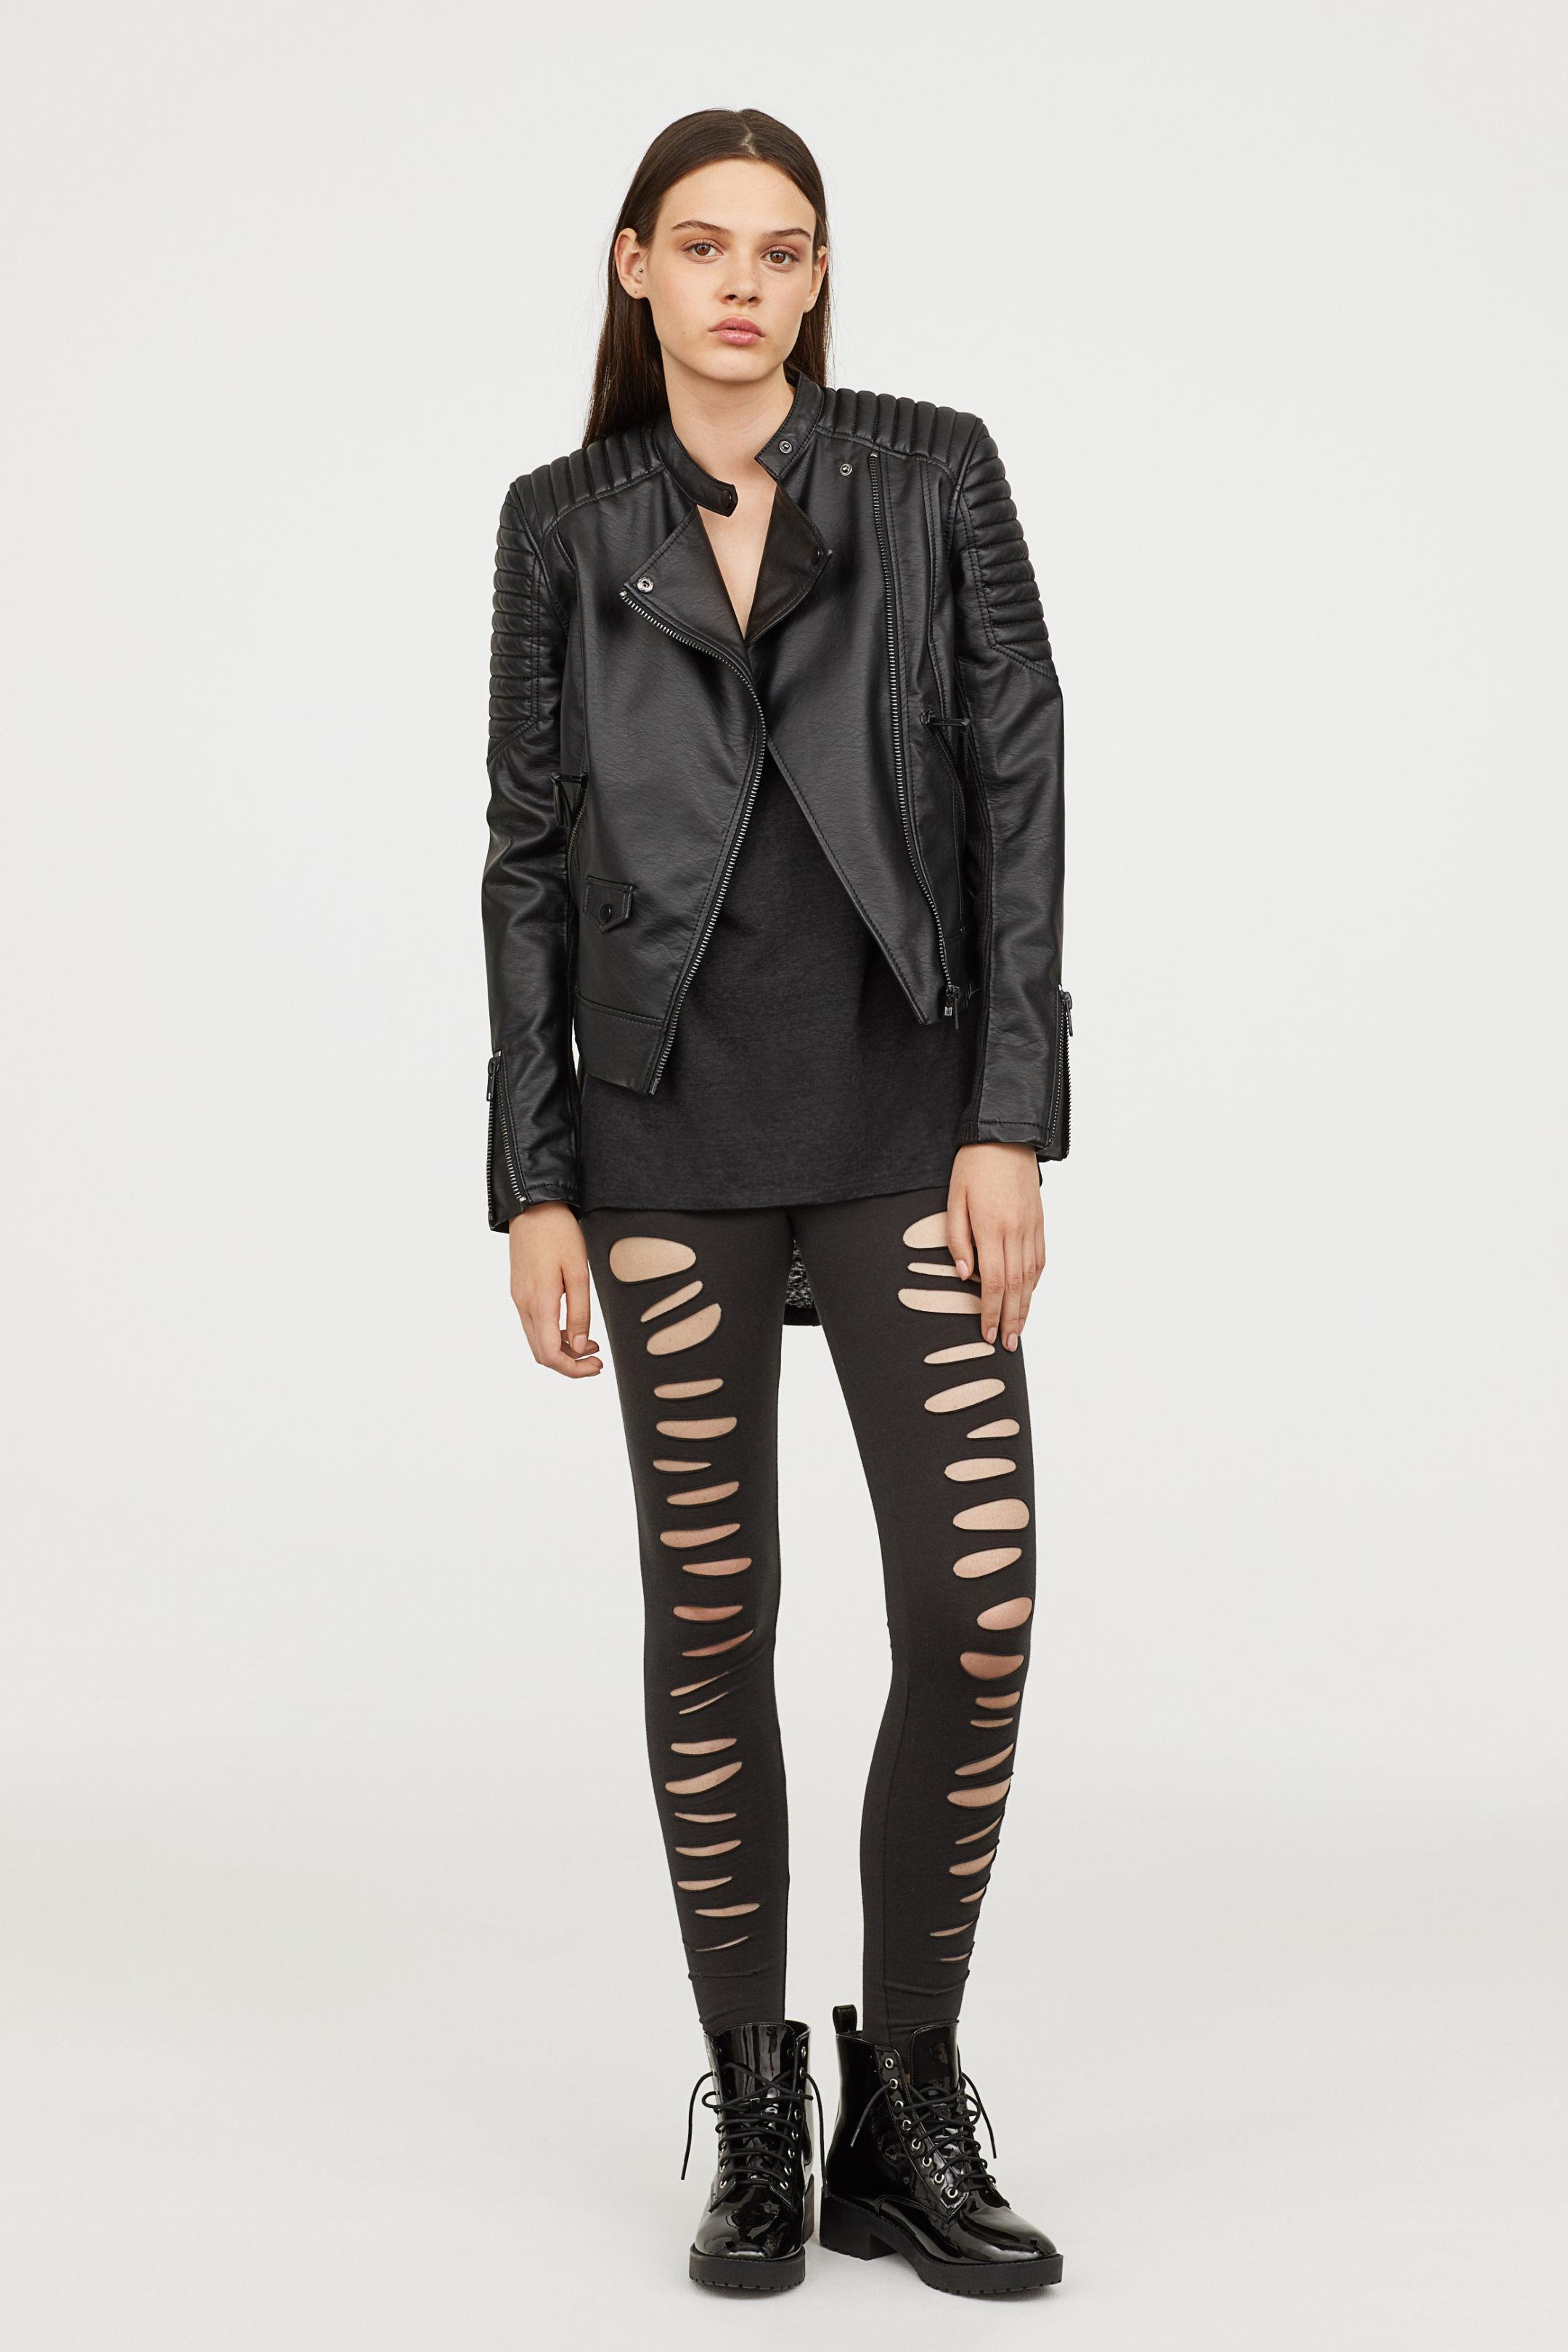 Leggings strappati H&M a 14,99 euro